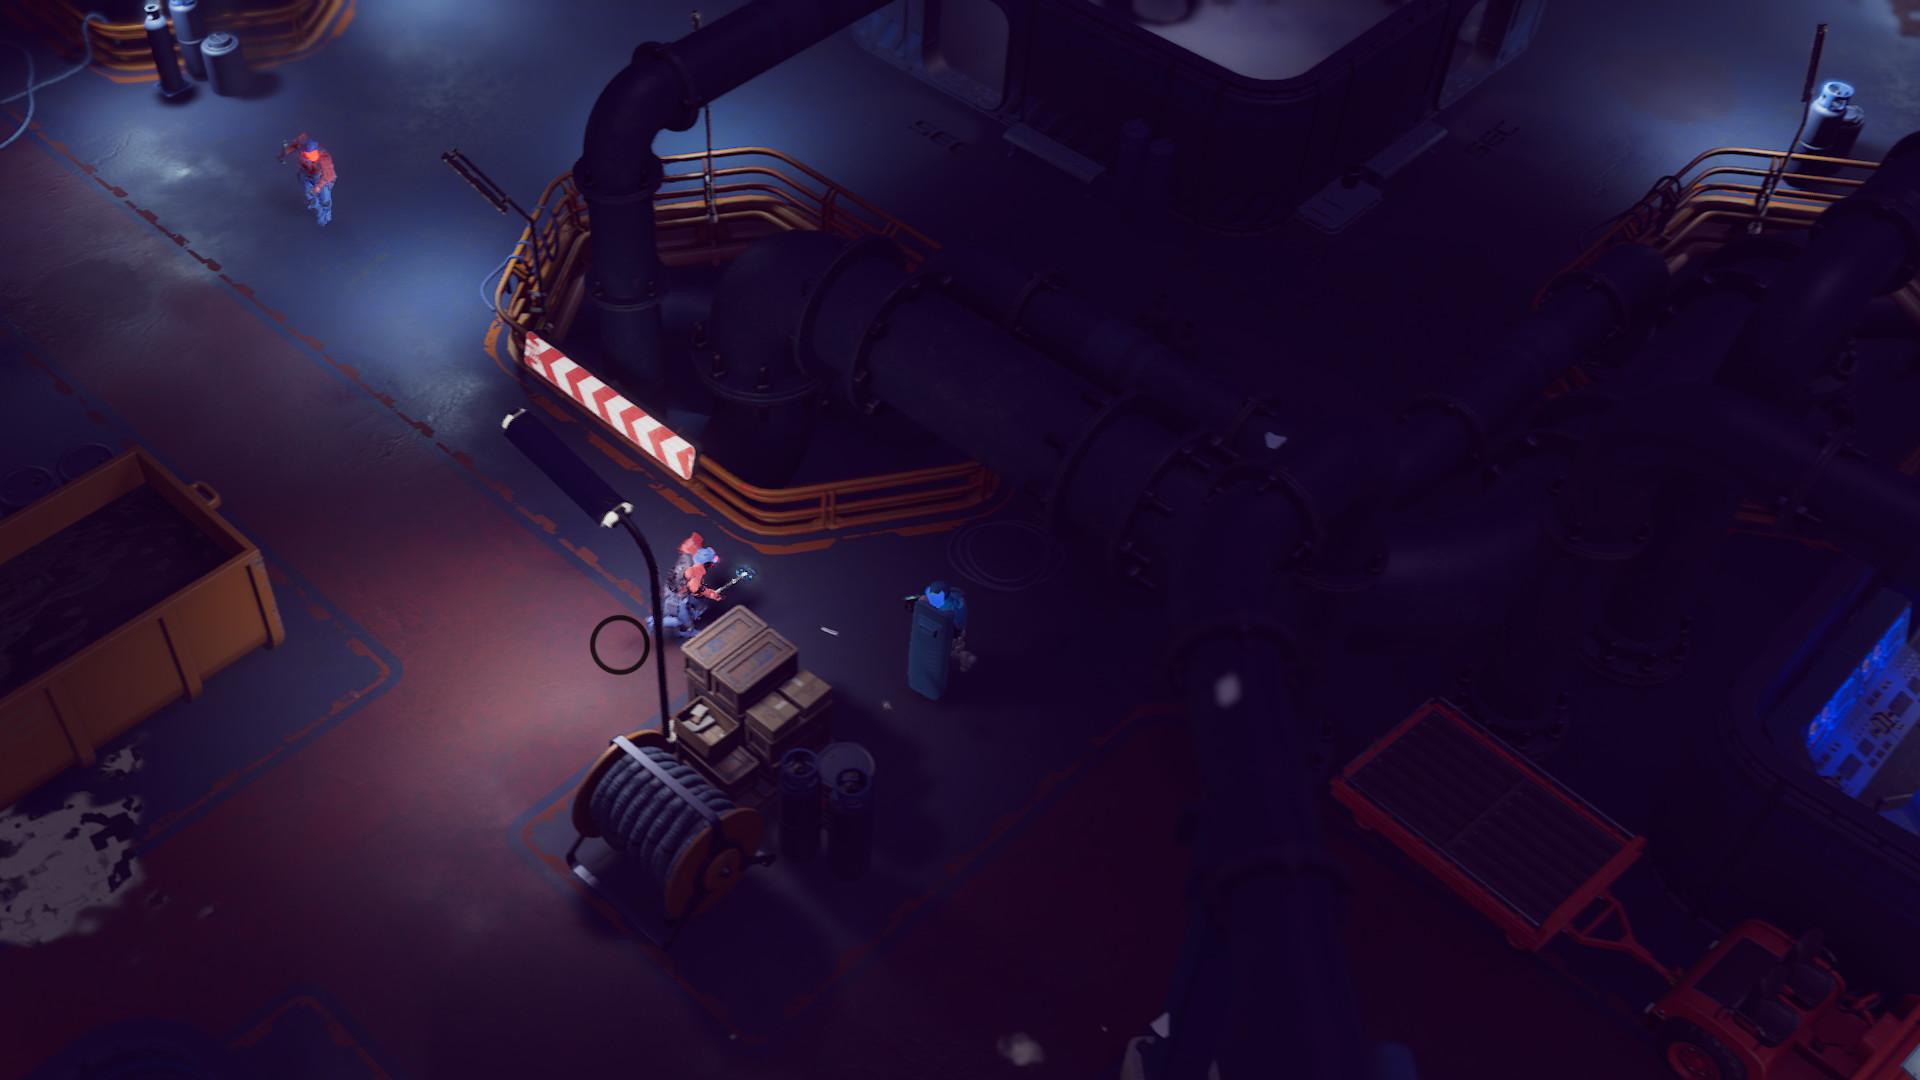 策略肉鸽射击游戏《合成人2》11月11日抢鲜体验插图5